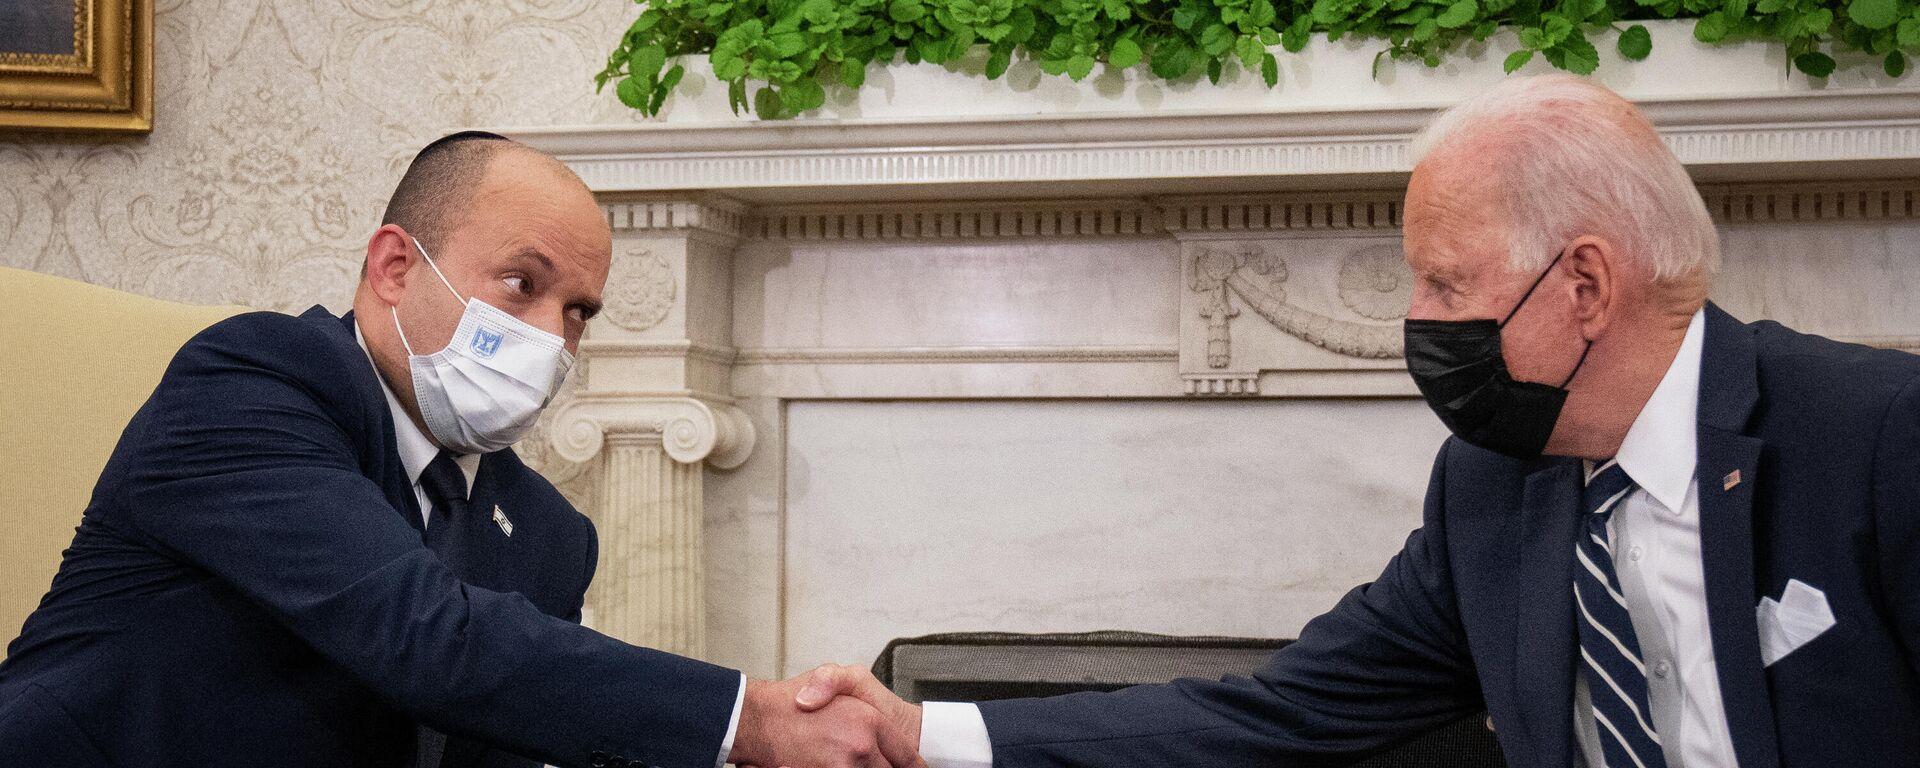 Israels Premier Naftali Bennett und US-Präsident Joe Biden im Weißen Haus - SNA, 1920, 27.08.2021